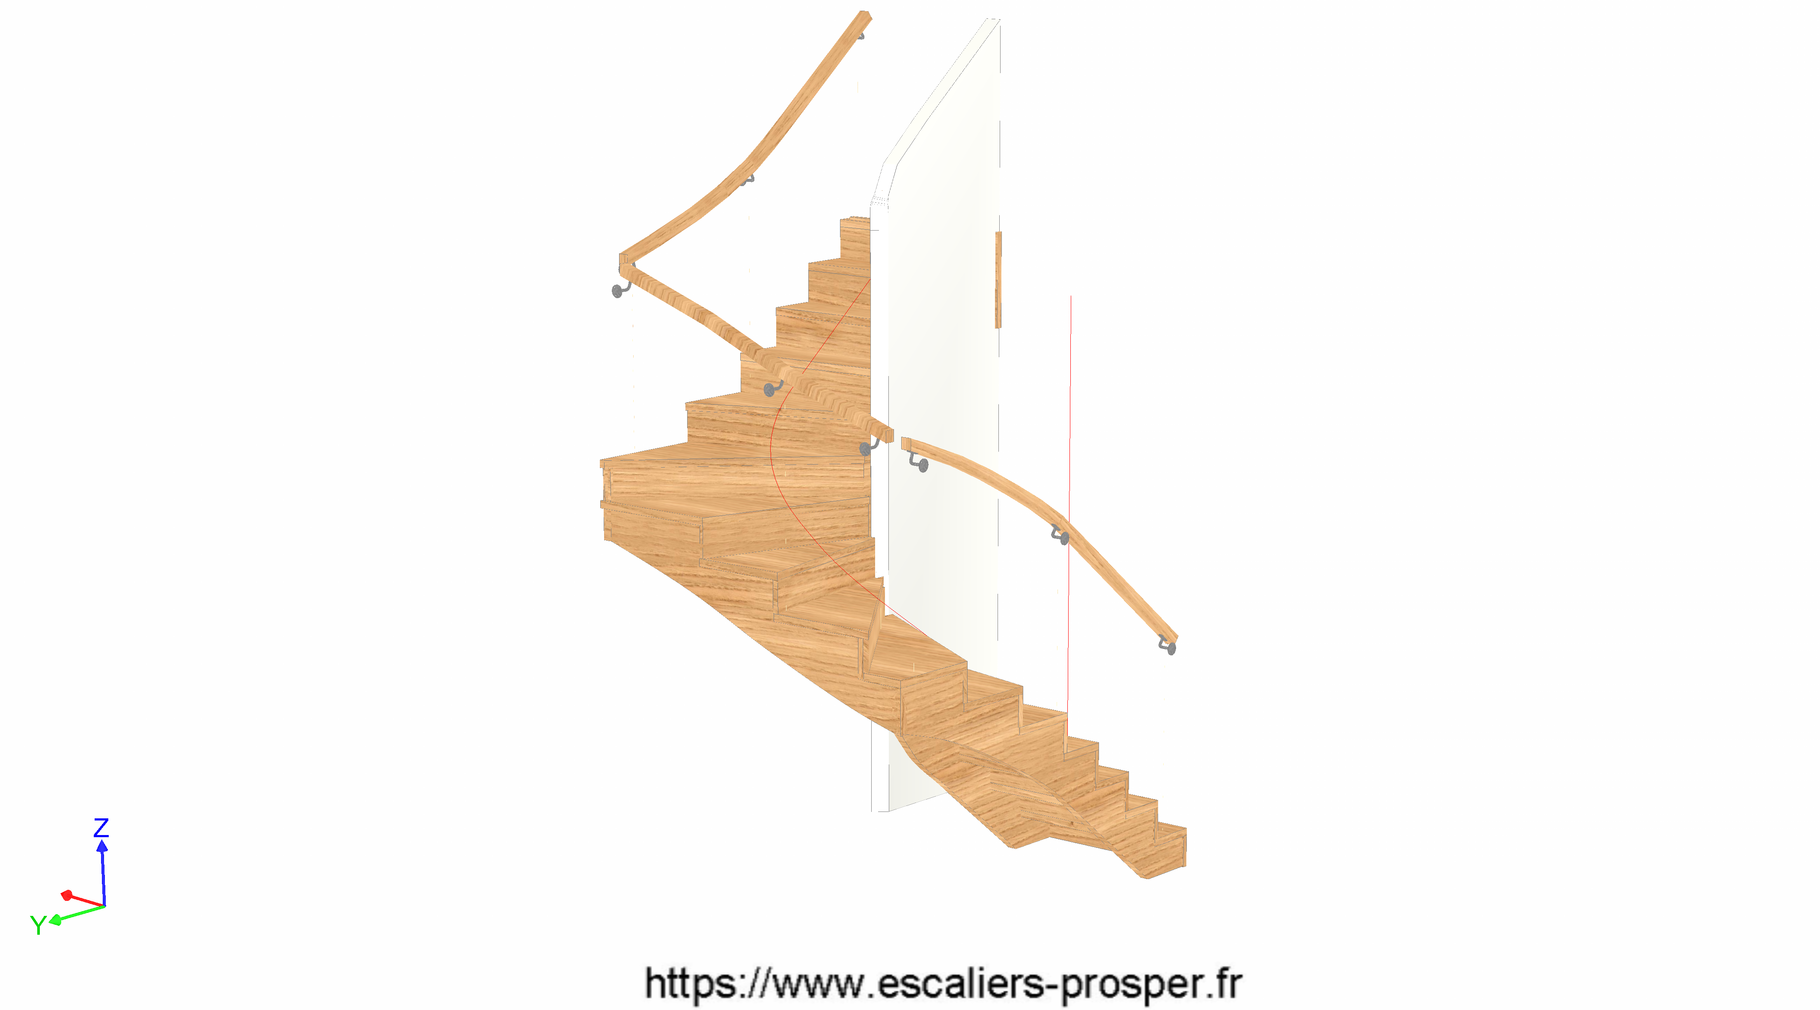 escalier en u l 39 anglaise e15 173 r1 escaliers prosper sp cialiste de la conception la pose. Black Bedroom Furniture Sets. Home Design Ideas